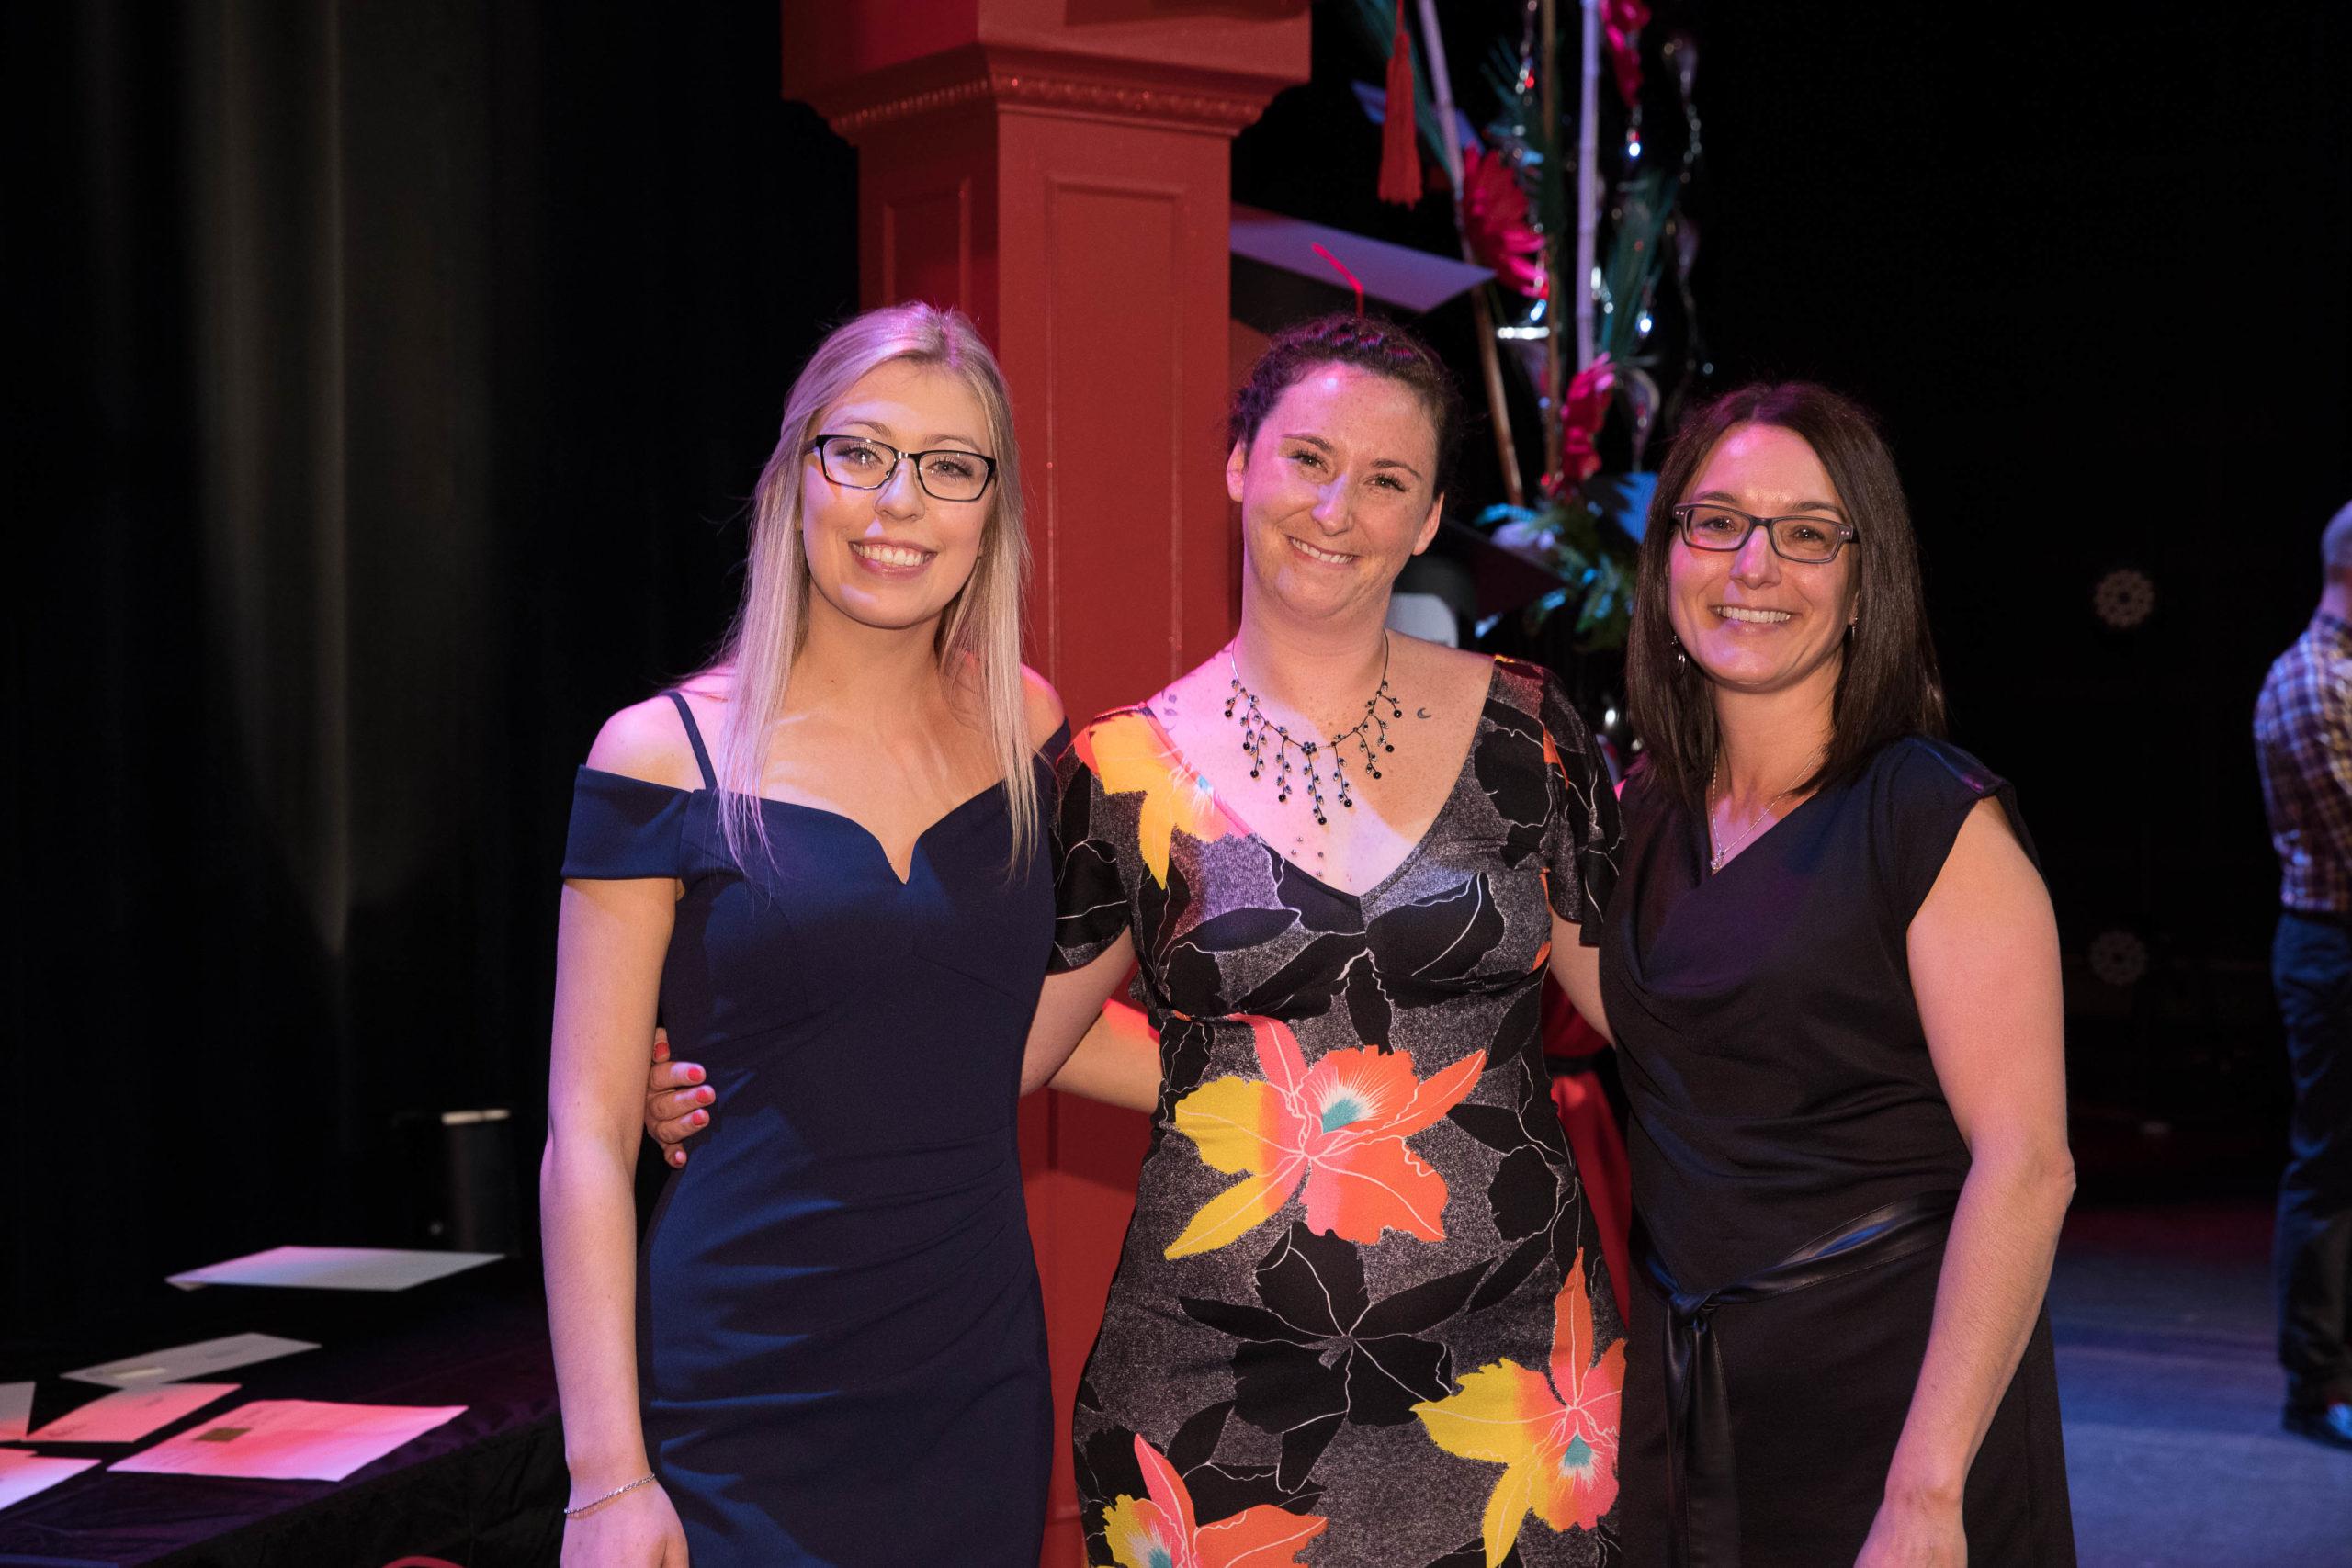 De gauche à droite: Meghan Danis (boursière), Marlaine Leclair (boursière) et Julie Pellerin (comptable agréé)